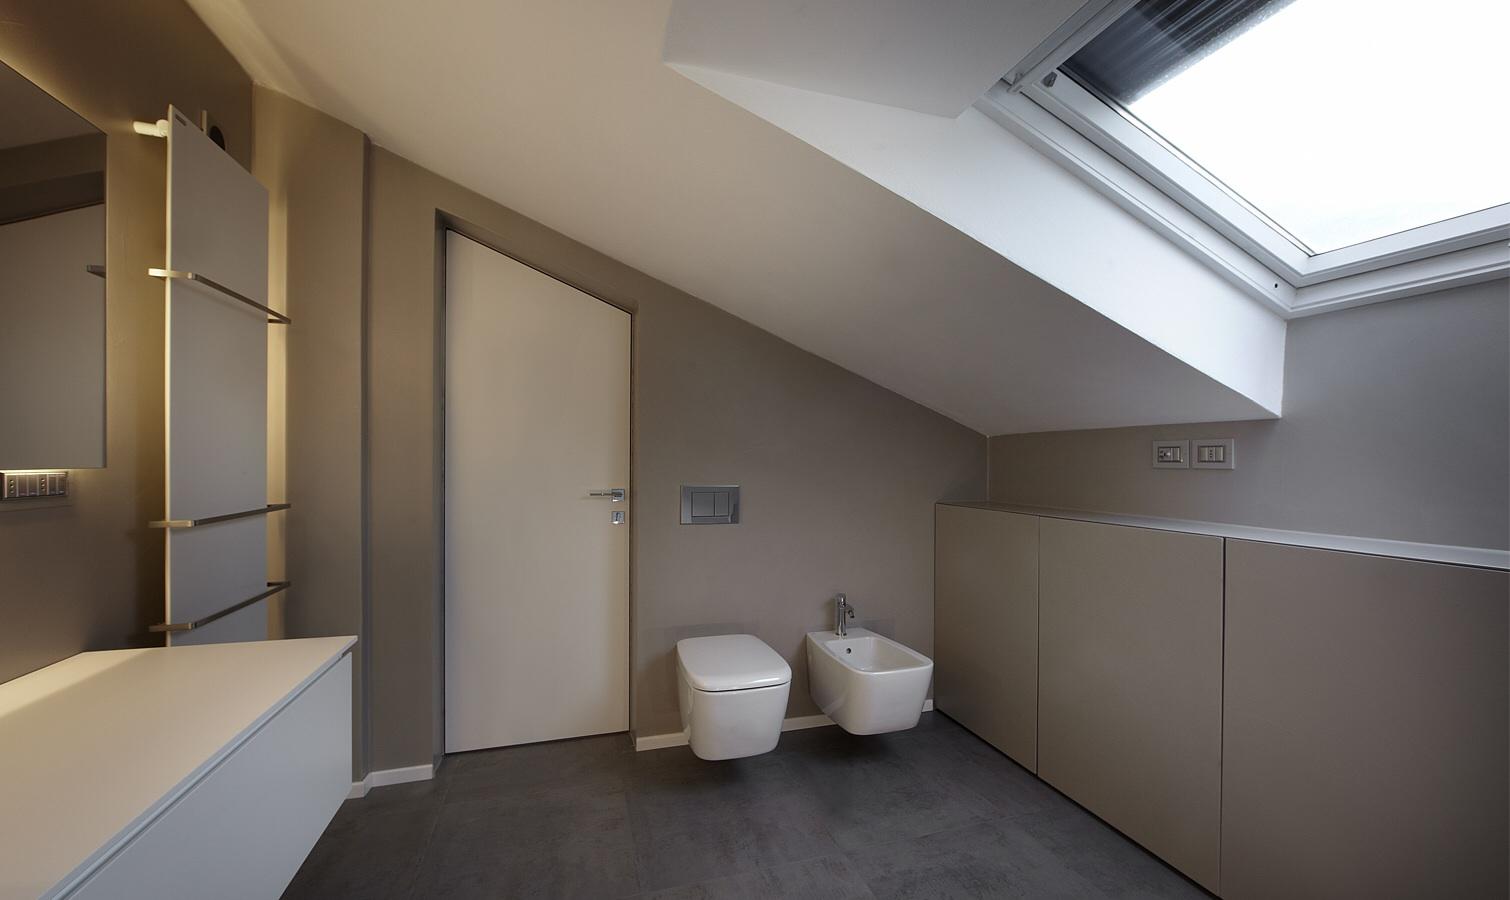 Bagno moderno con doccia grigio affordable interno del bagno